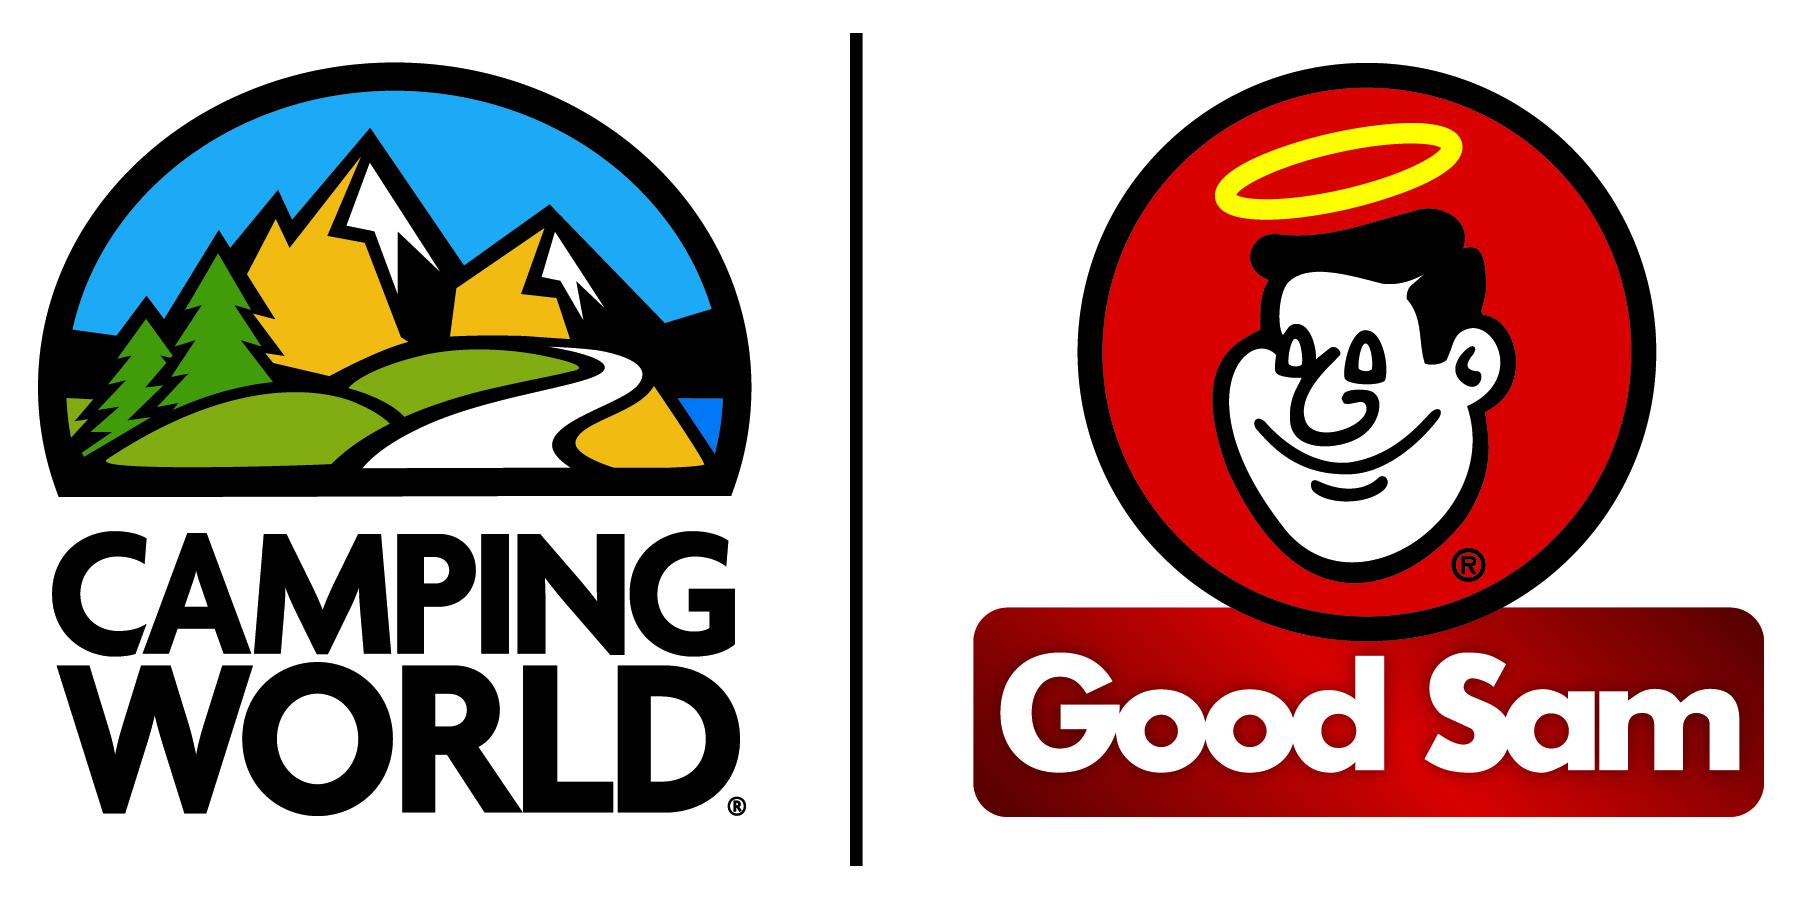 Good sam Logos.